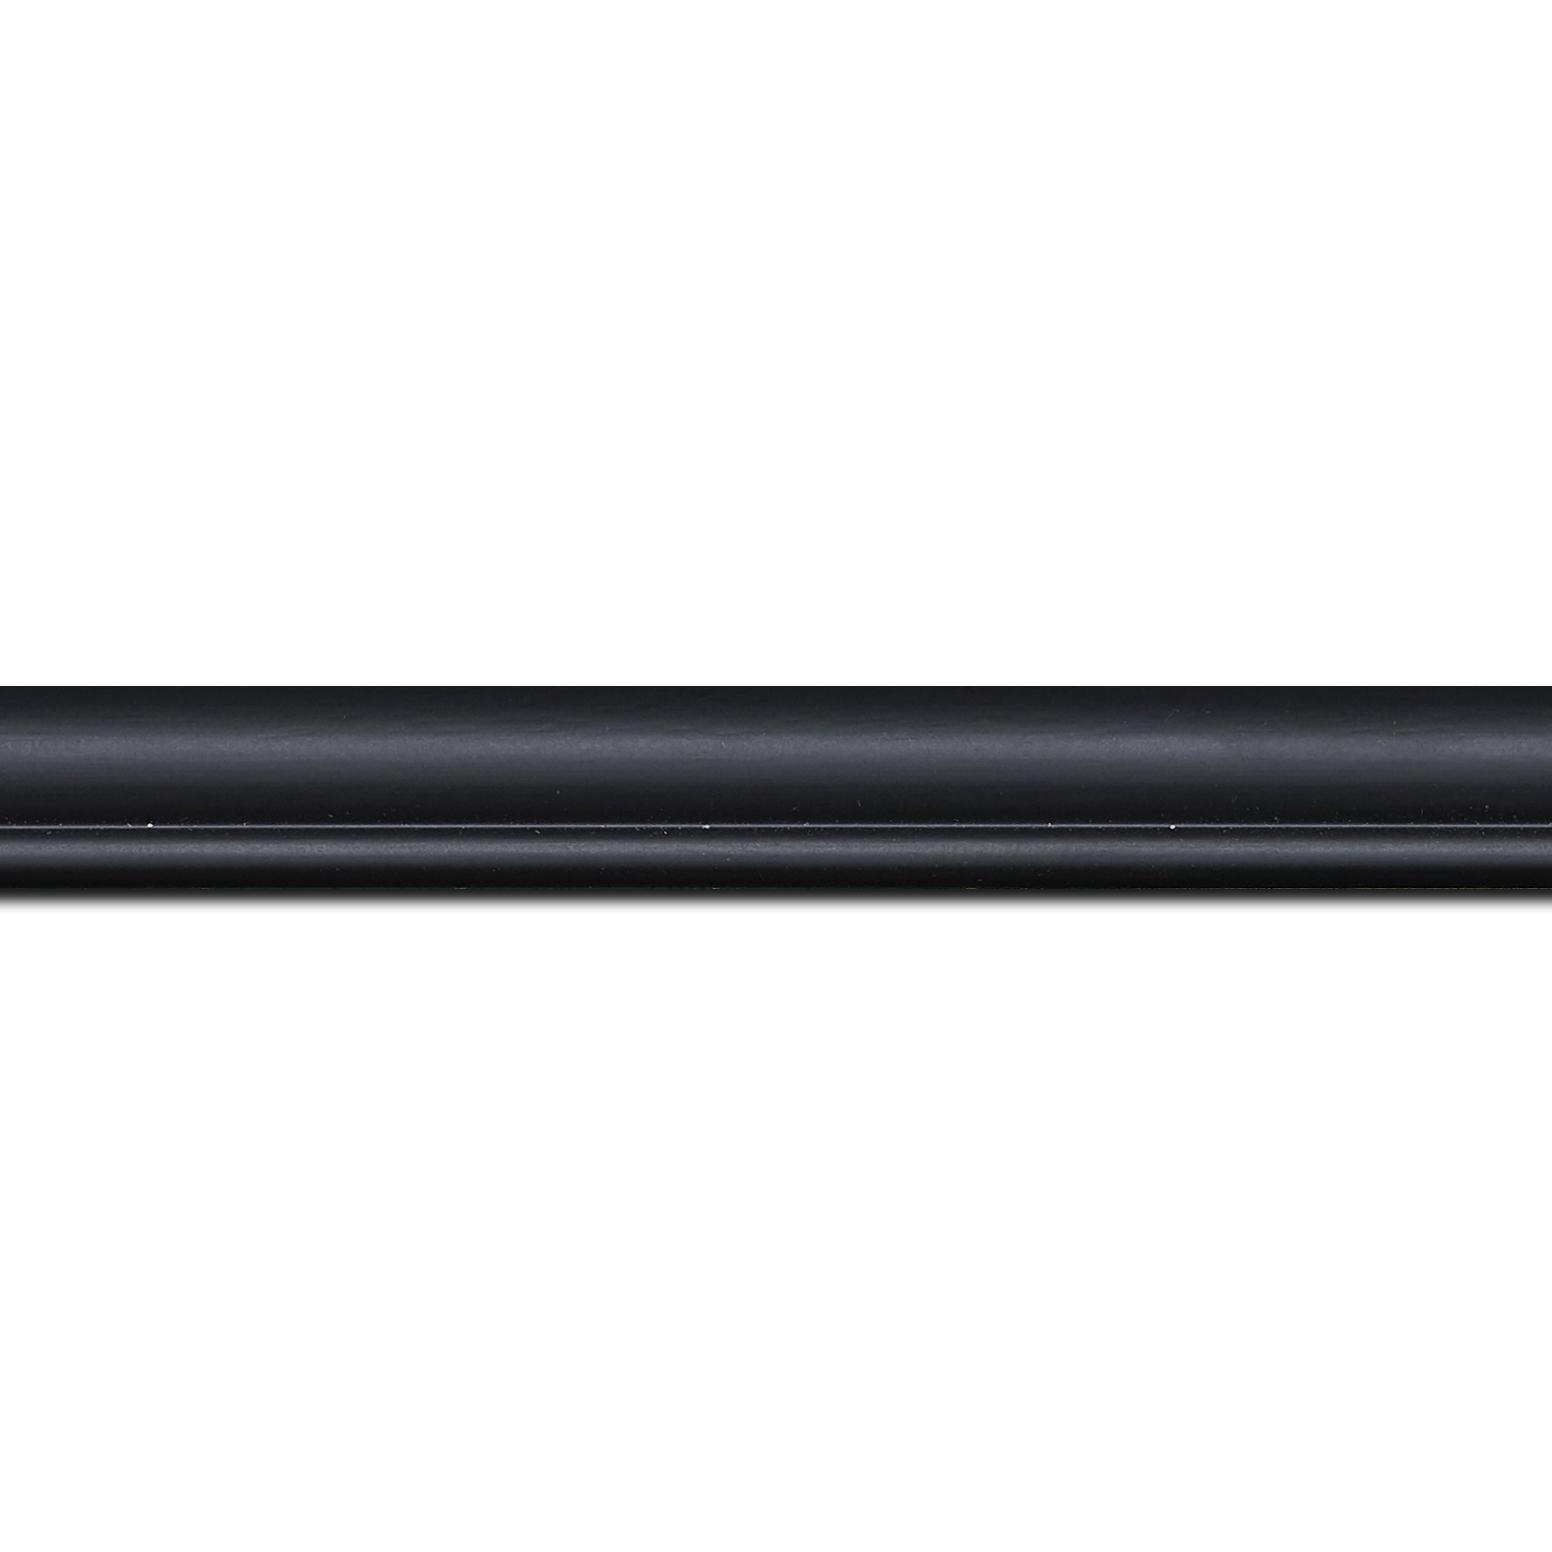 Pack par 12m, bois profil arrondi largeur 2.1cm couleur noir mat filet noir(longueur baguette pouvant varier entre 2.40m et 3m selon arrivage des bois)